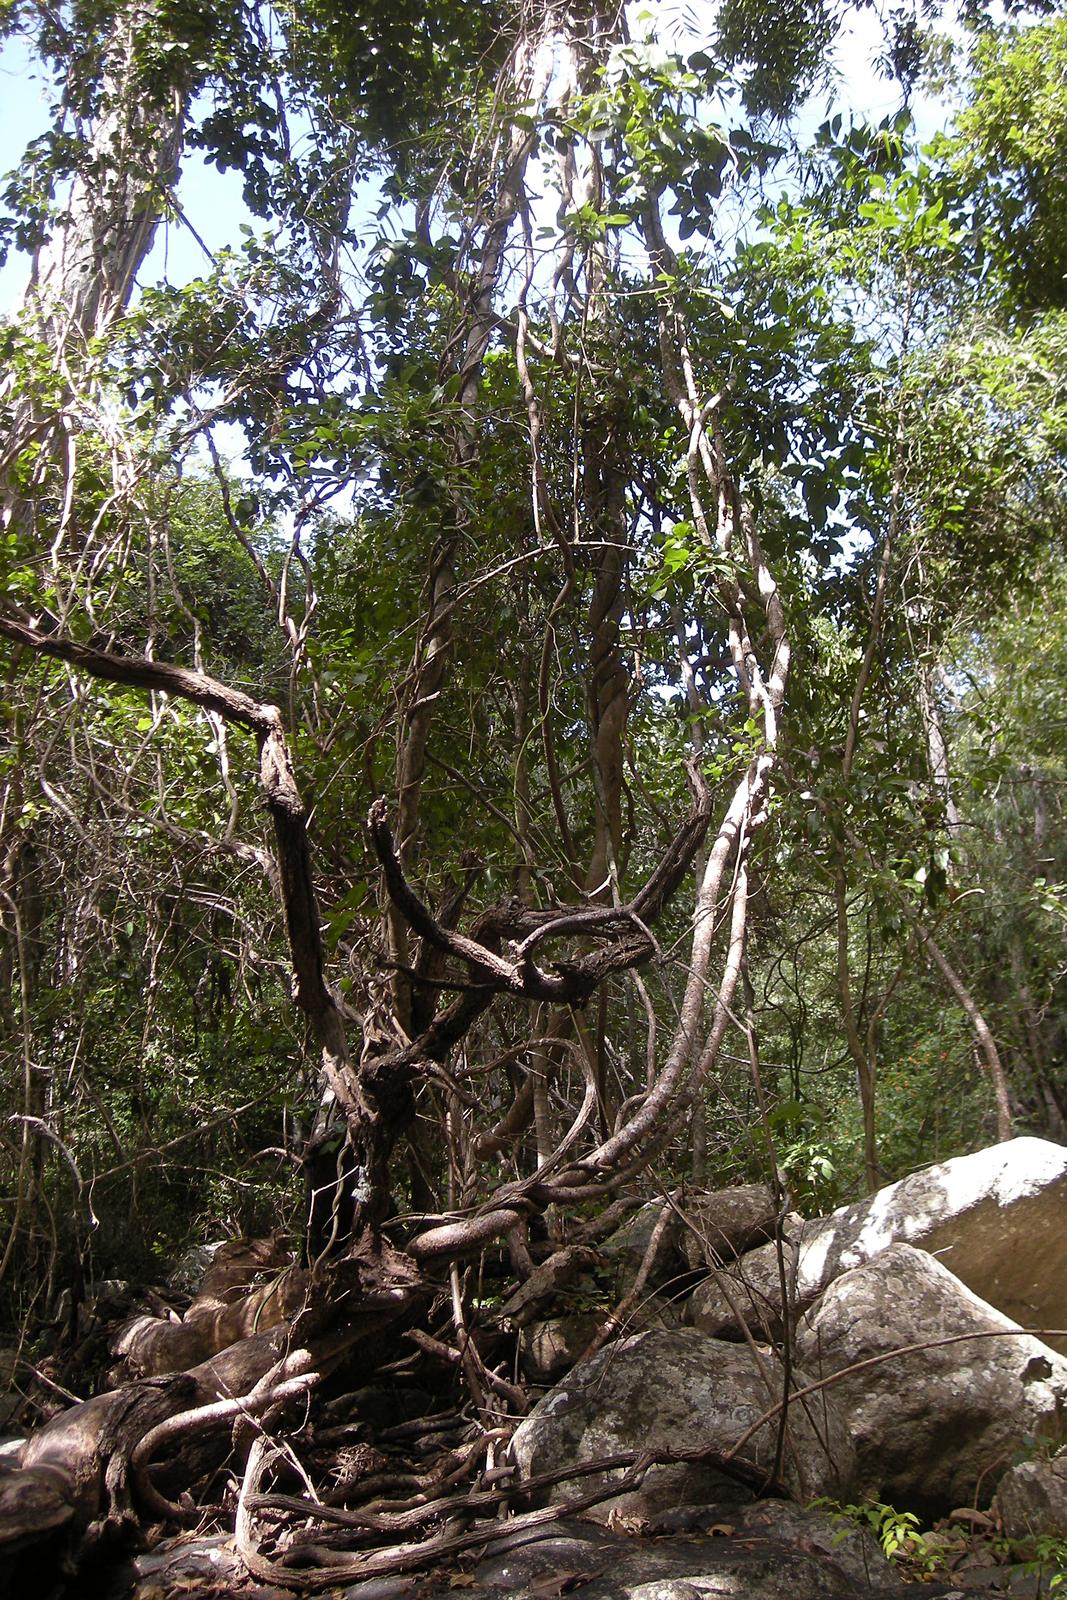 Fotografia przedstawia wnętrze tropikalnego lasu. Na pierwszym planie mocno powyginane, jasno brązowe pędy lian. Liany owijają się wokół pni drzew. Podłoże to skały ikamienie.